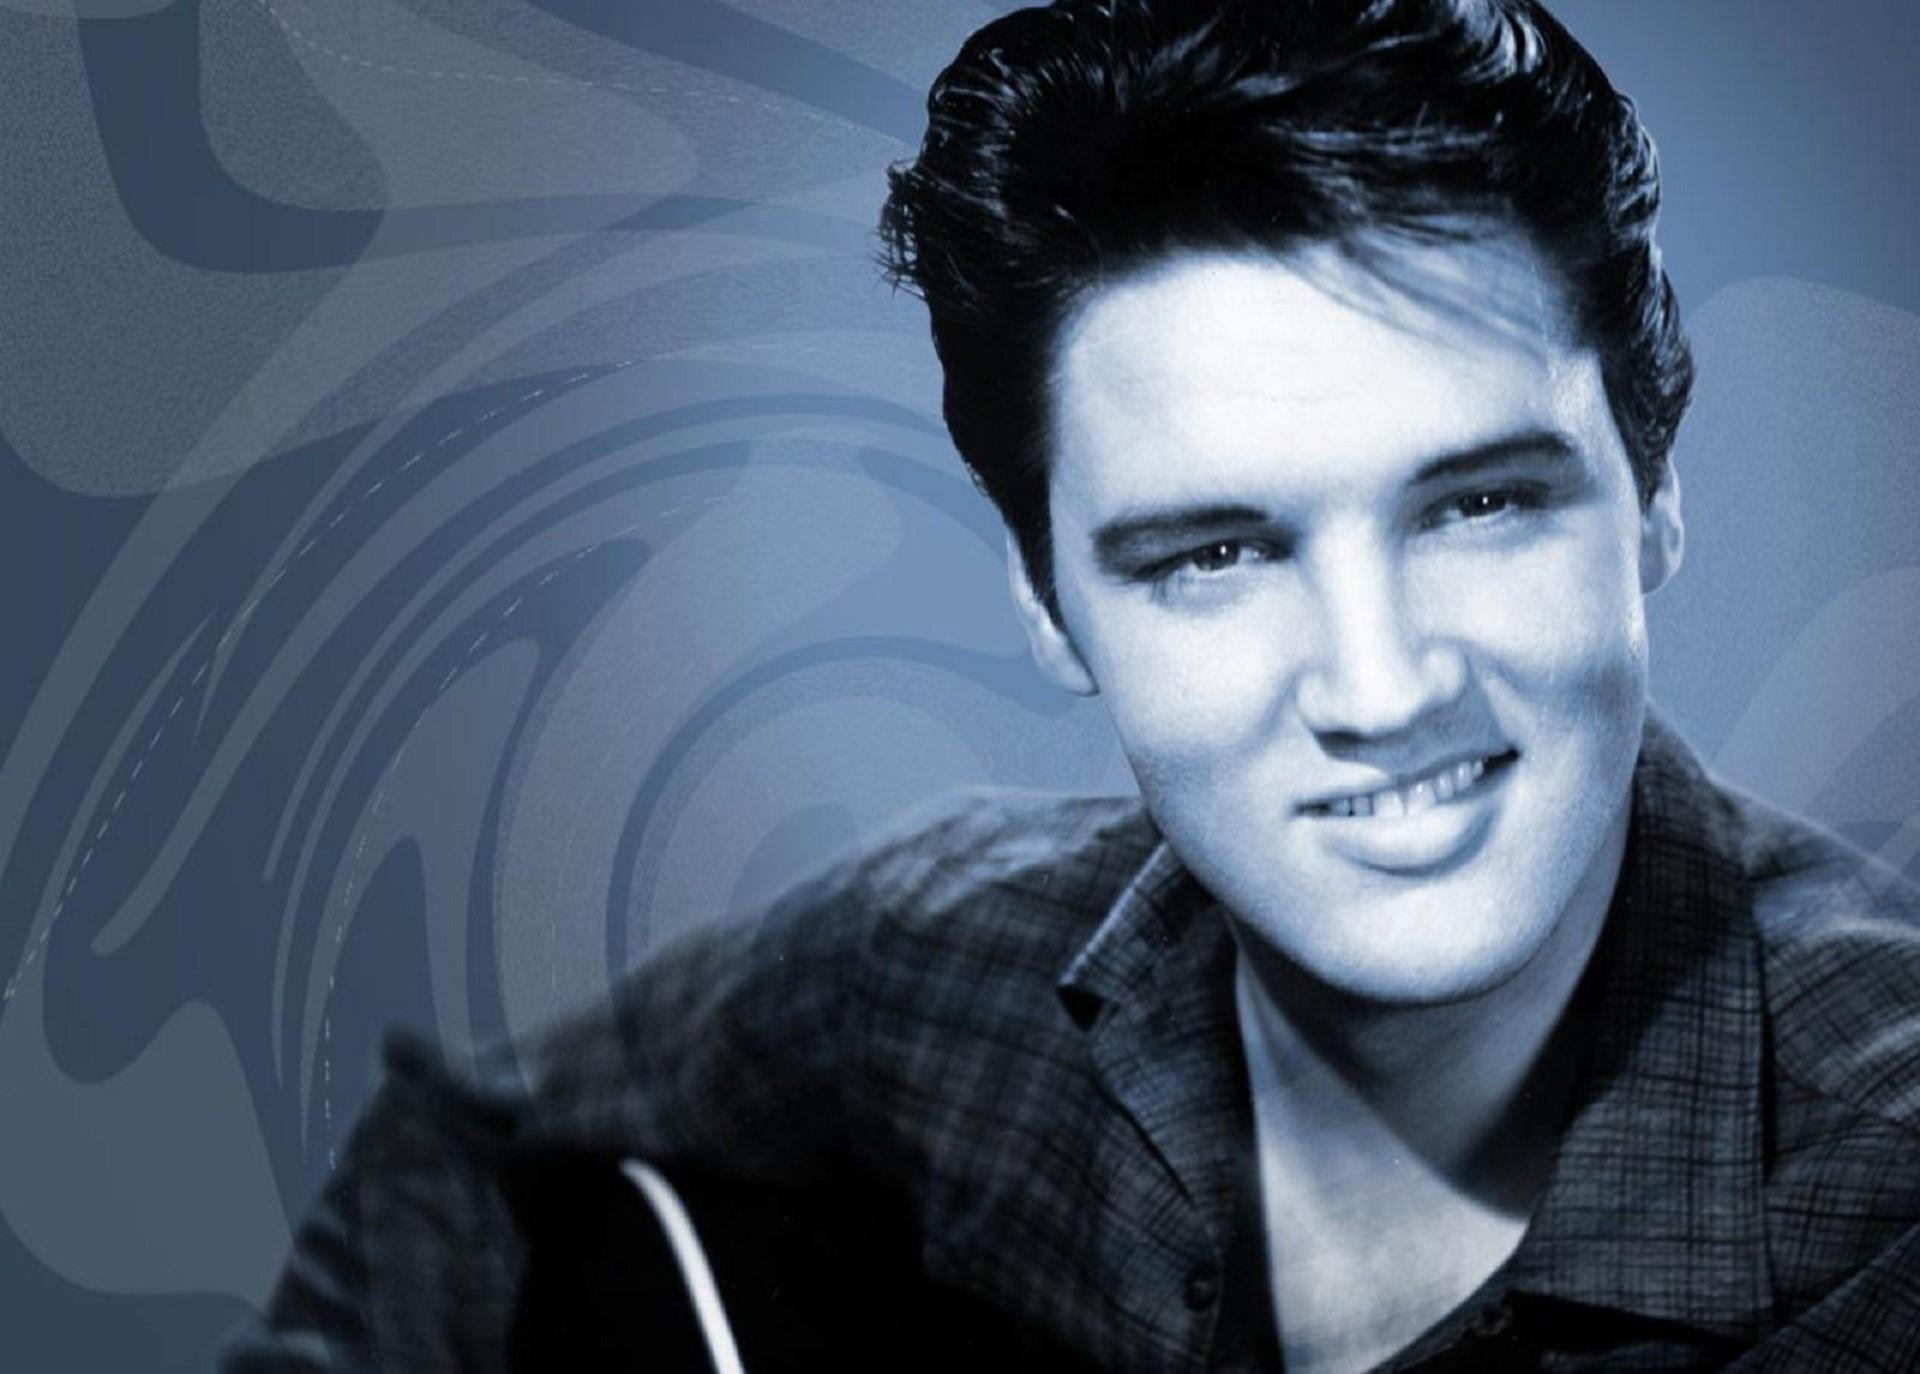 Elvis Presley Background images